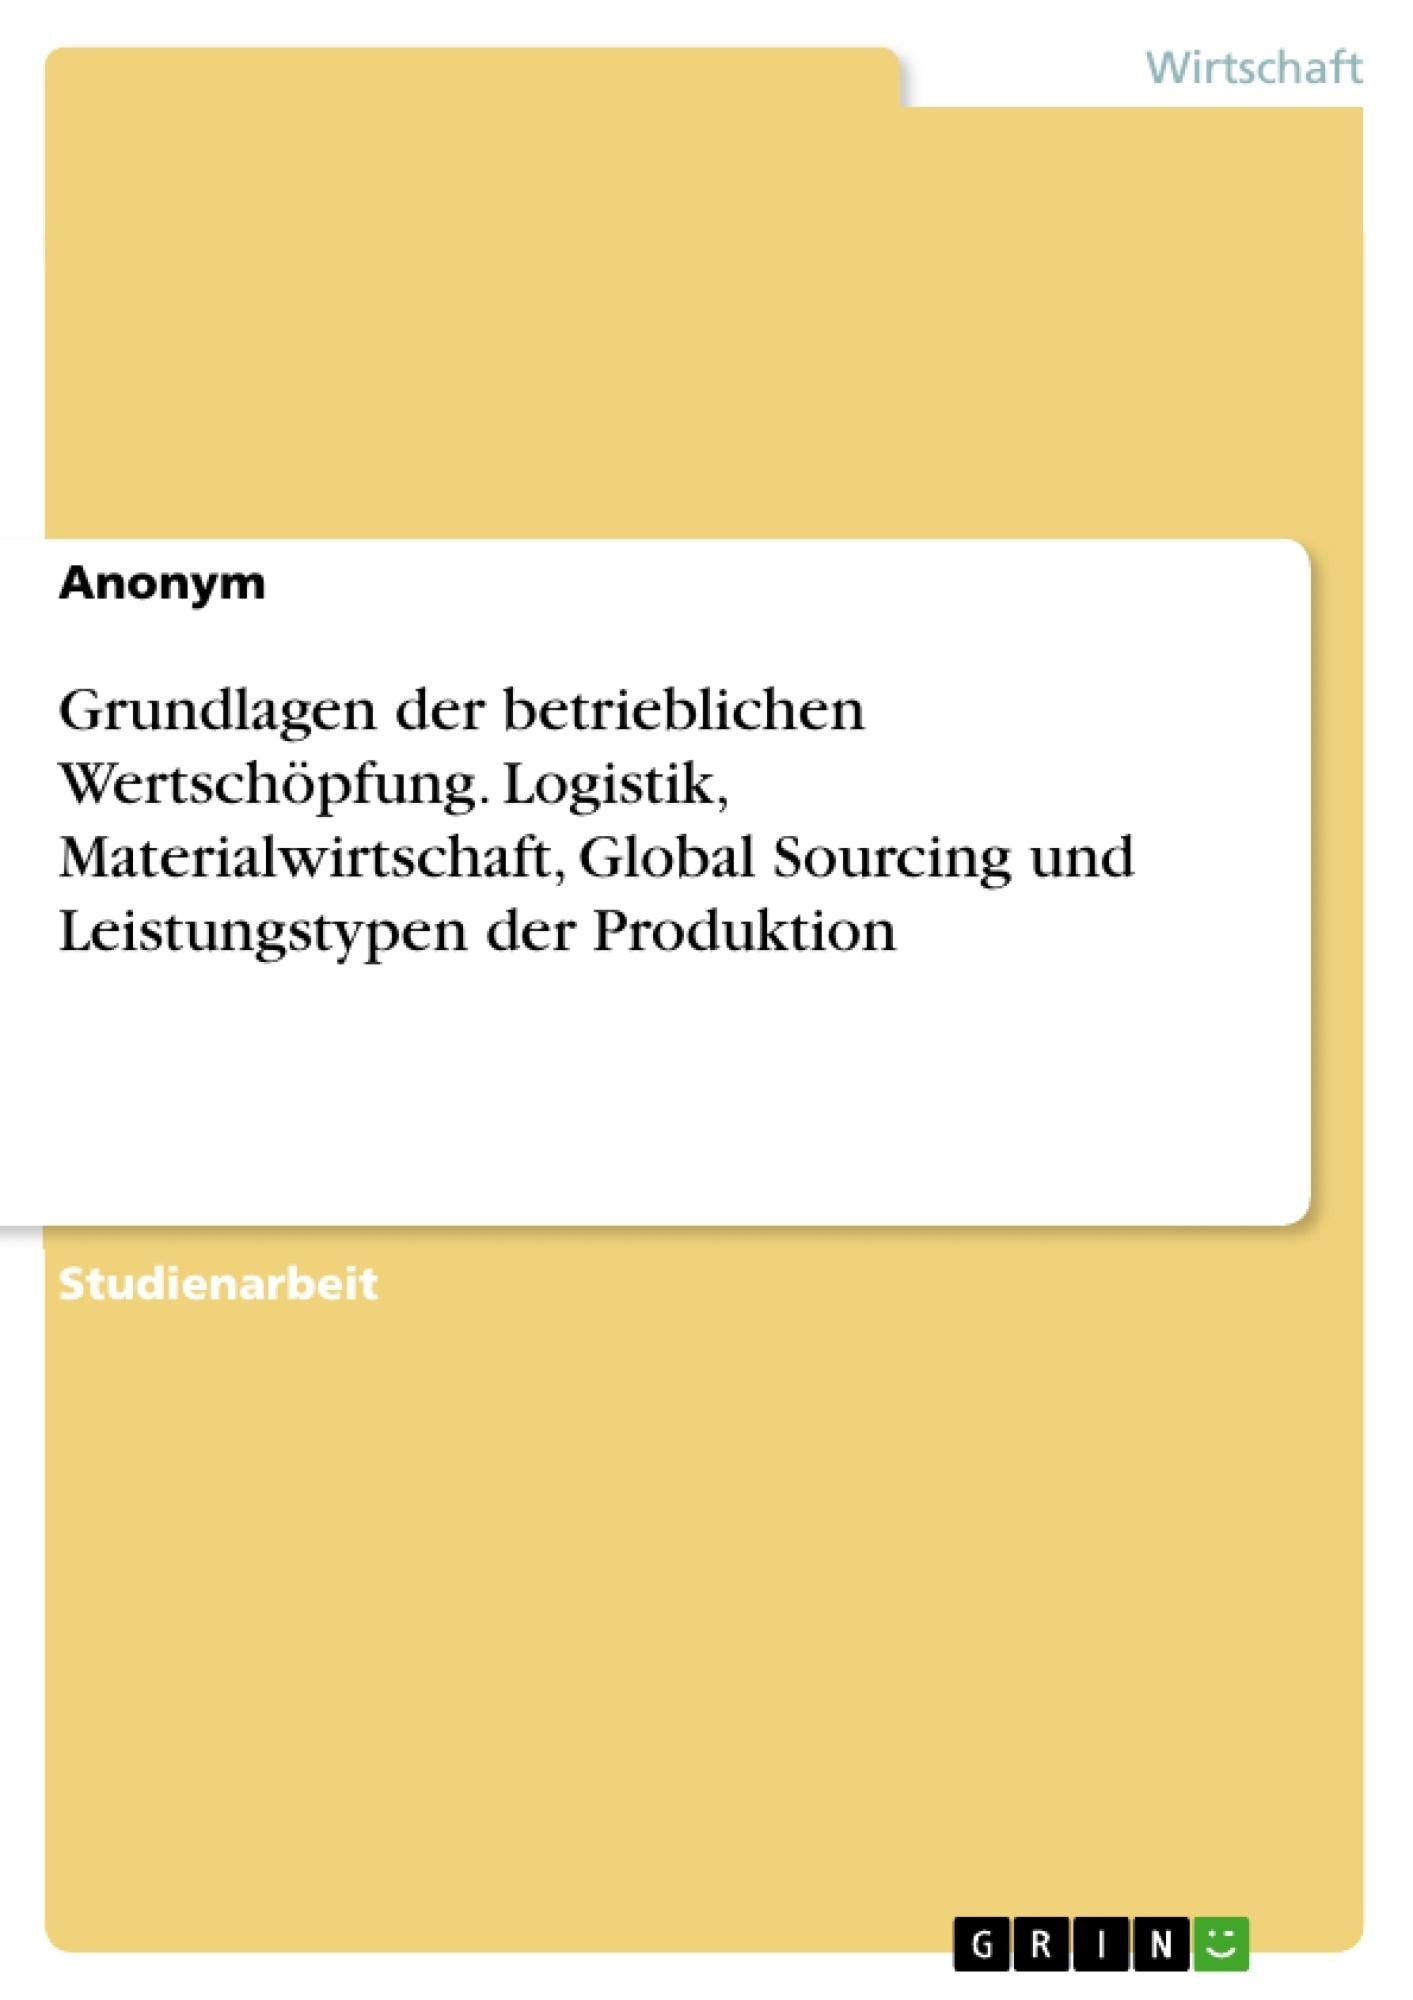 Titel: Grundlagen der betrieblichen Wertschöpfung. Logistik, Materialwirtschaft, Global Sourcing und Leistungstypen der Produktion